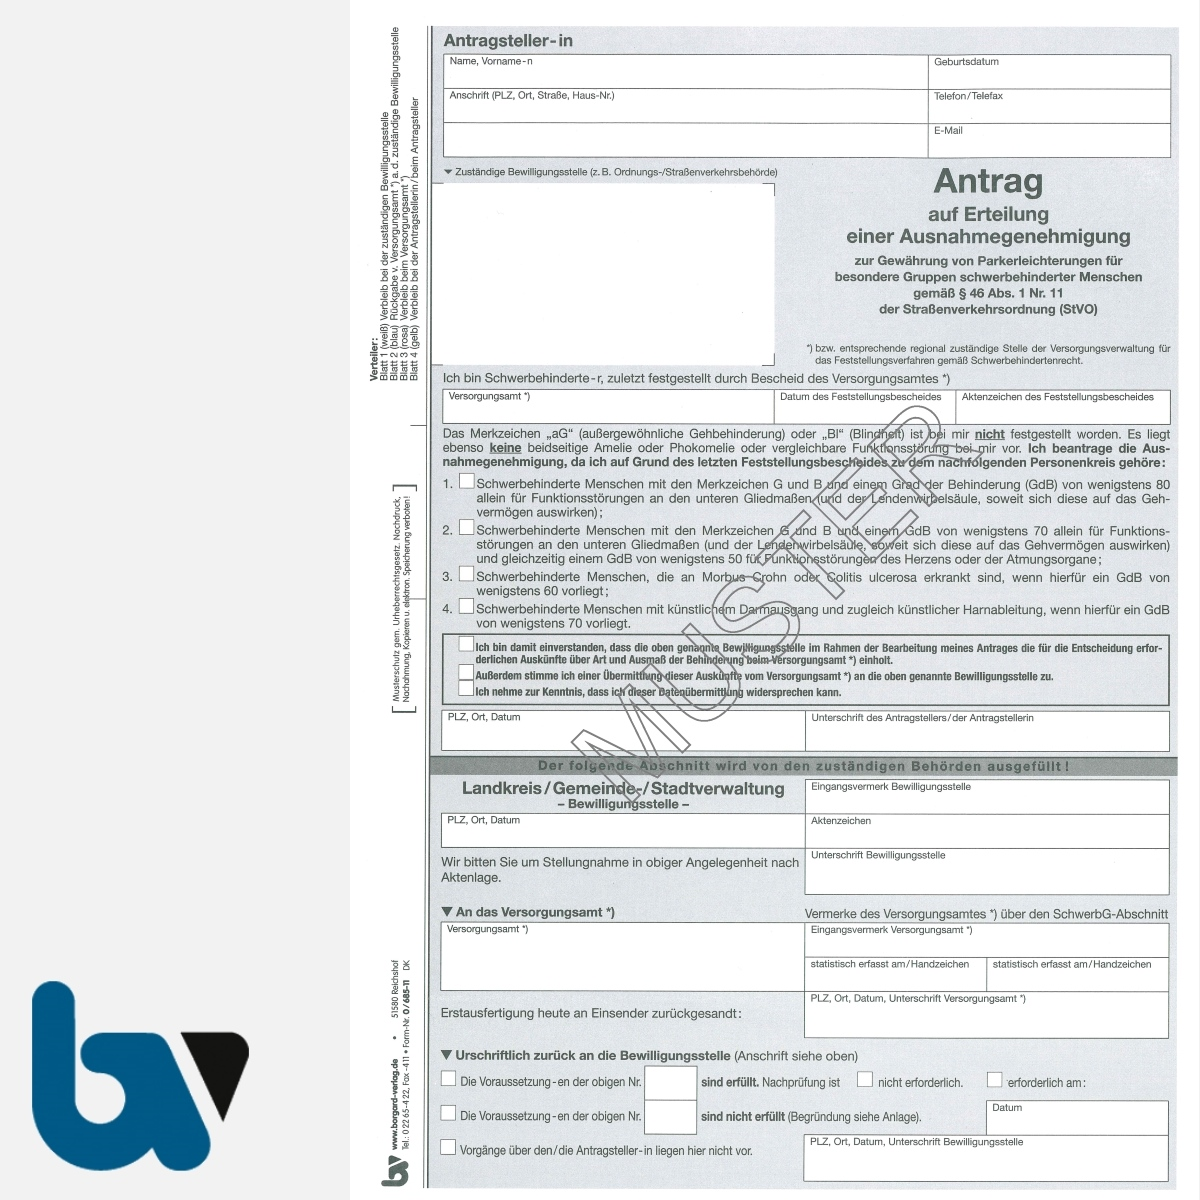 0/685-11 Antrag auf Erteilung einer Ausnahmegenehmigung Parkausweis BRD orange Modell behinderte Menschen Durchschreibesatz DIN A4 4-fach | Borgard Verlag GmbH